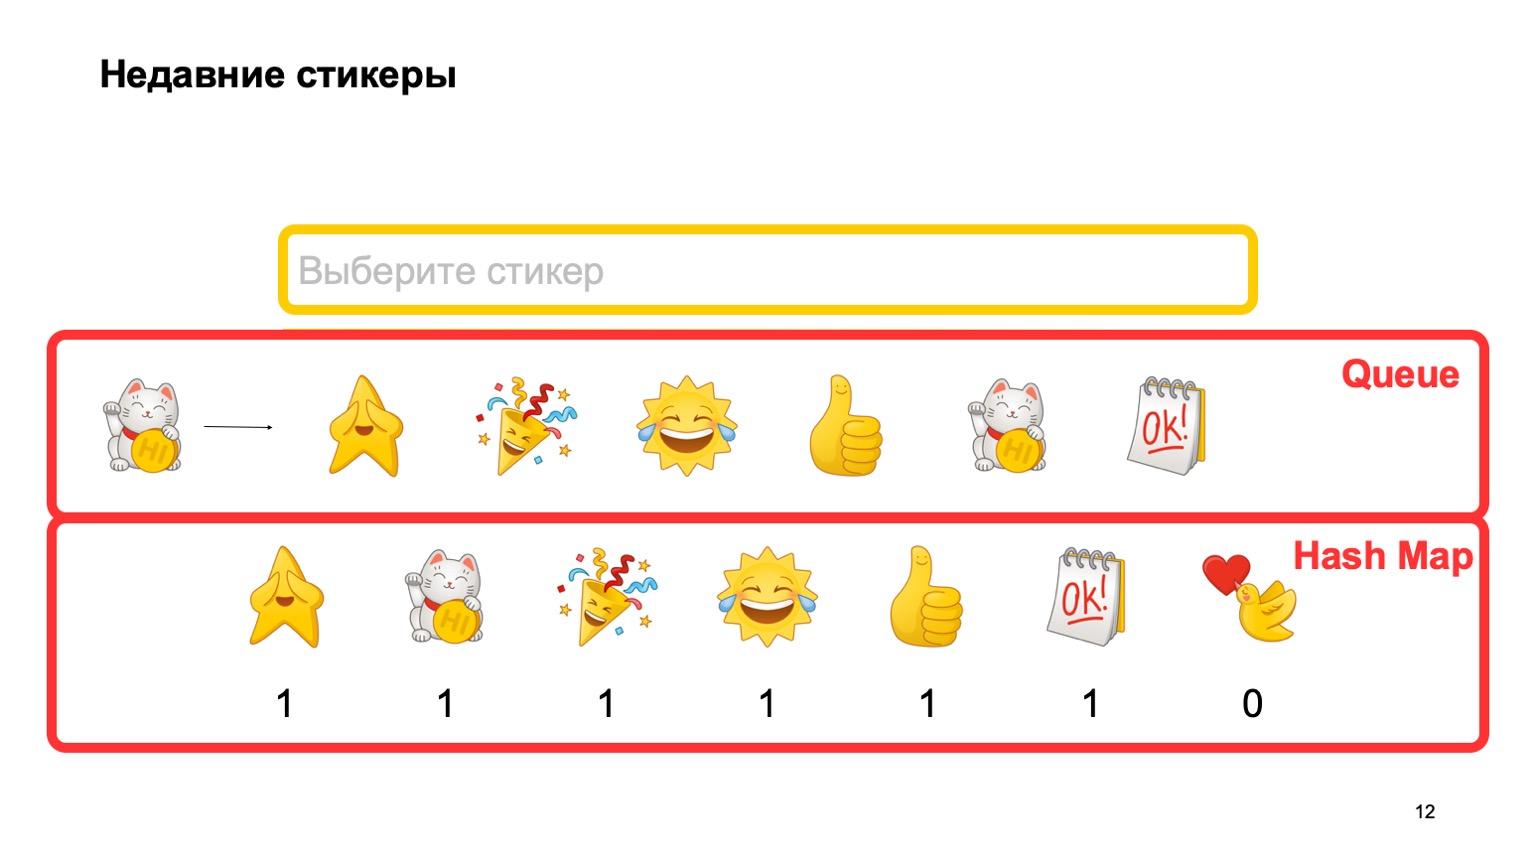 Мобильная разработка — это просто и скучно? Доклад Яндекса - 10